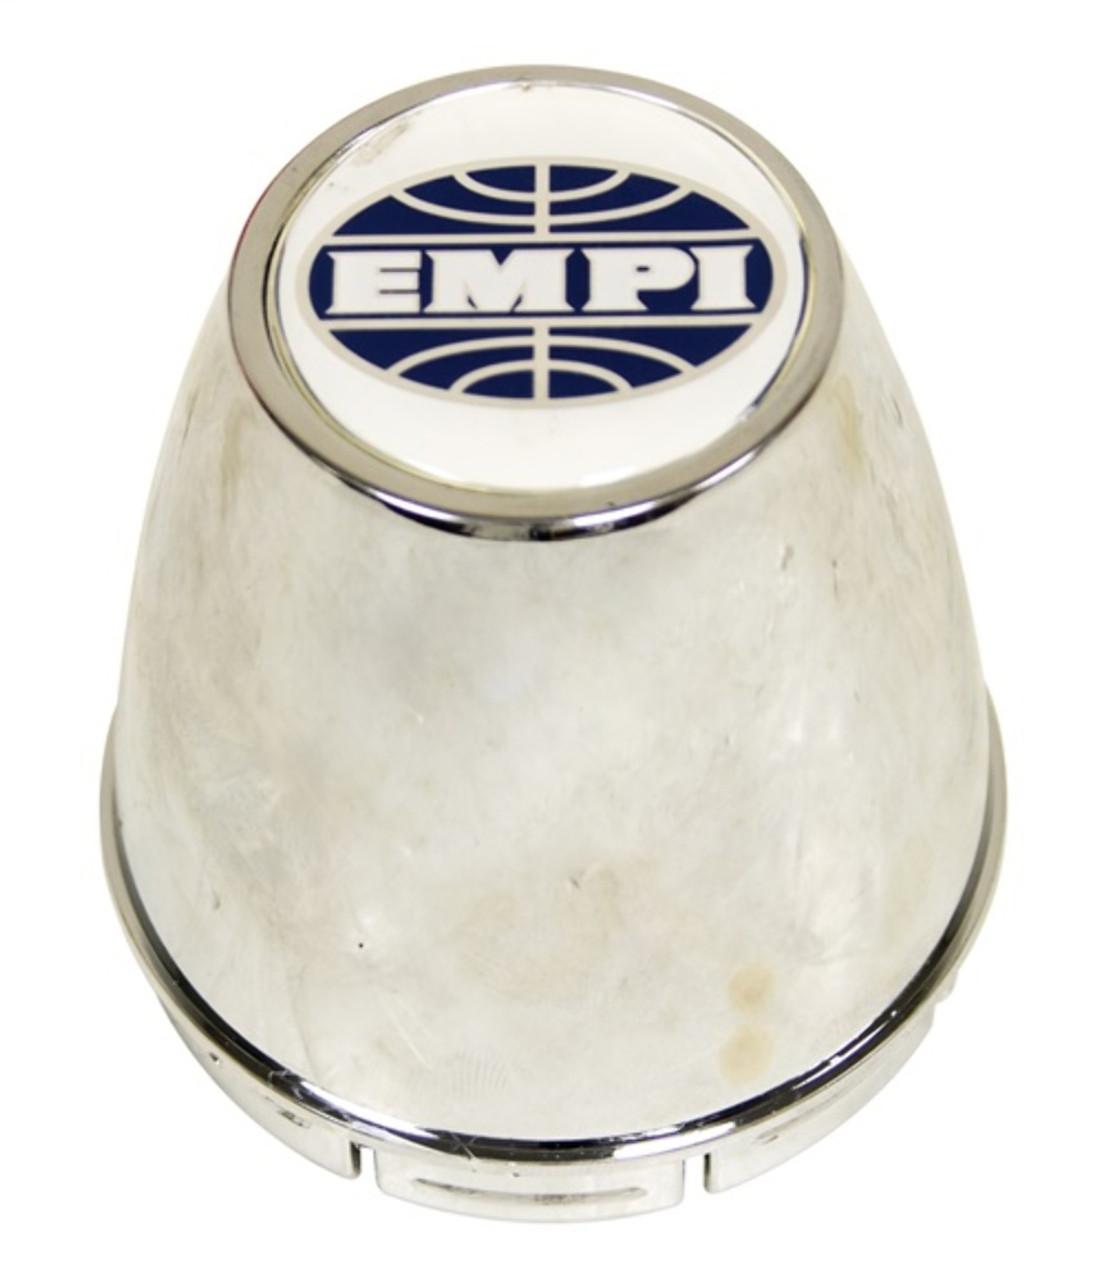 10-1099-0 CHROME PLASTIC CAP FOR EMPI SMOOTHIE WHEEL, EA